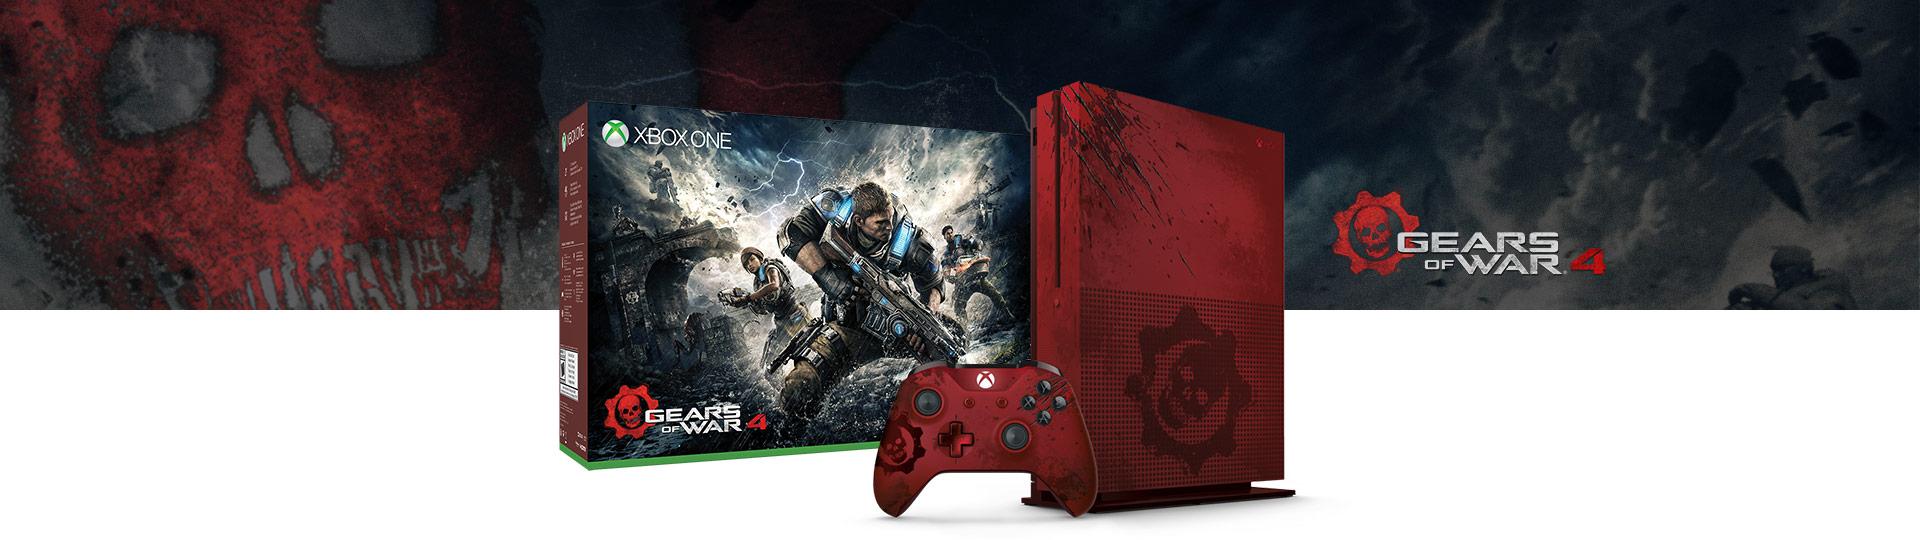 Neue Xbox One S Bundles Pnktlich Zu Weihnachten News